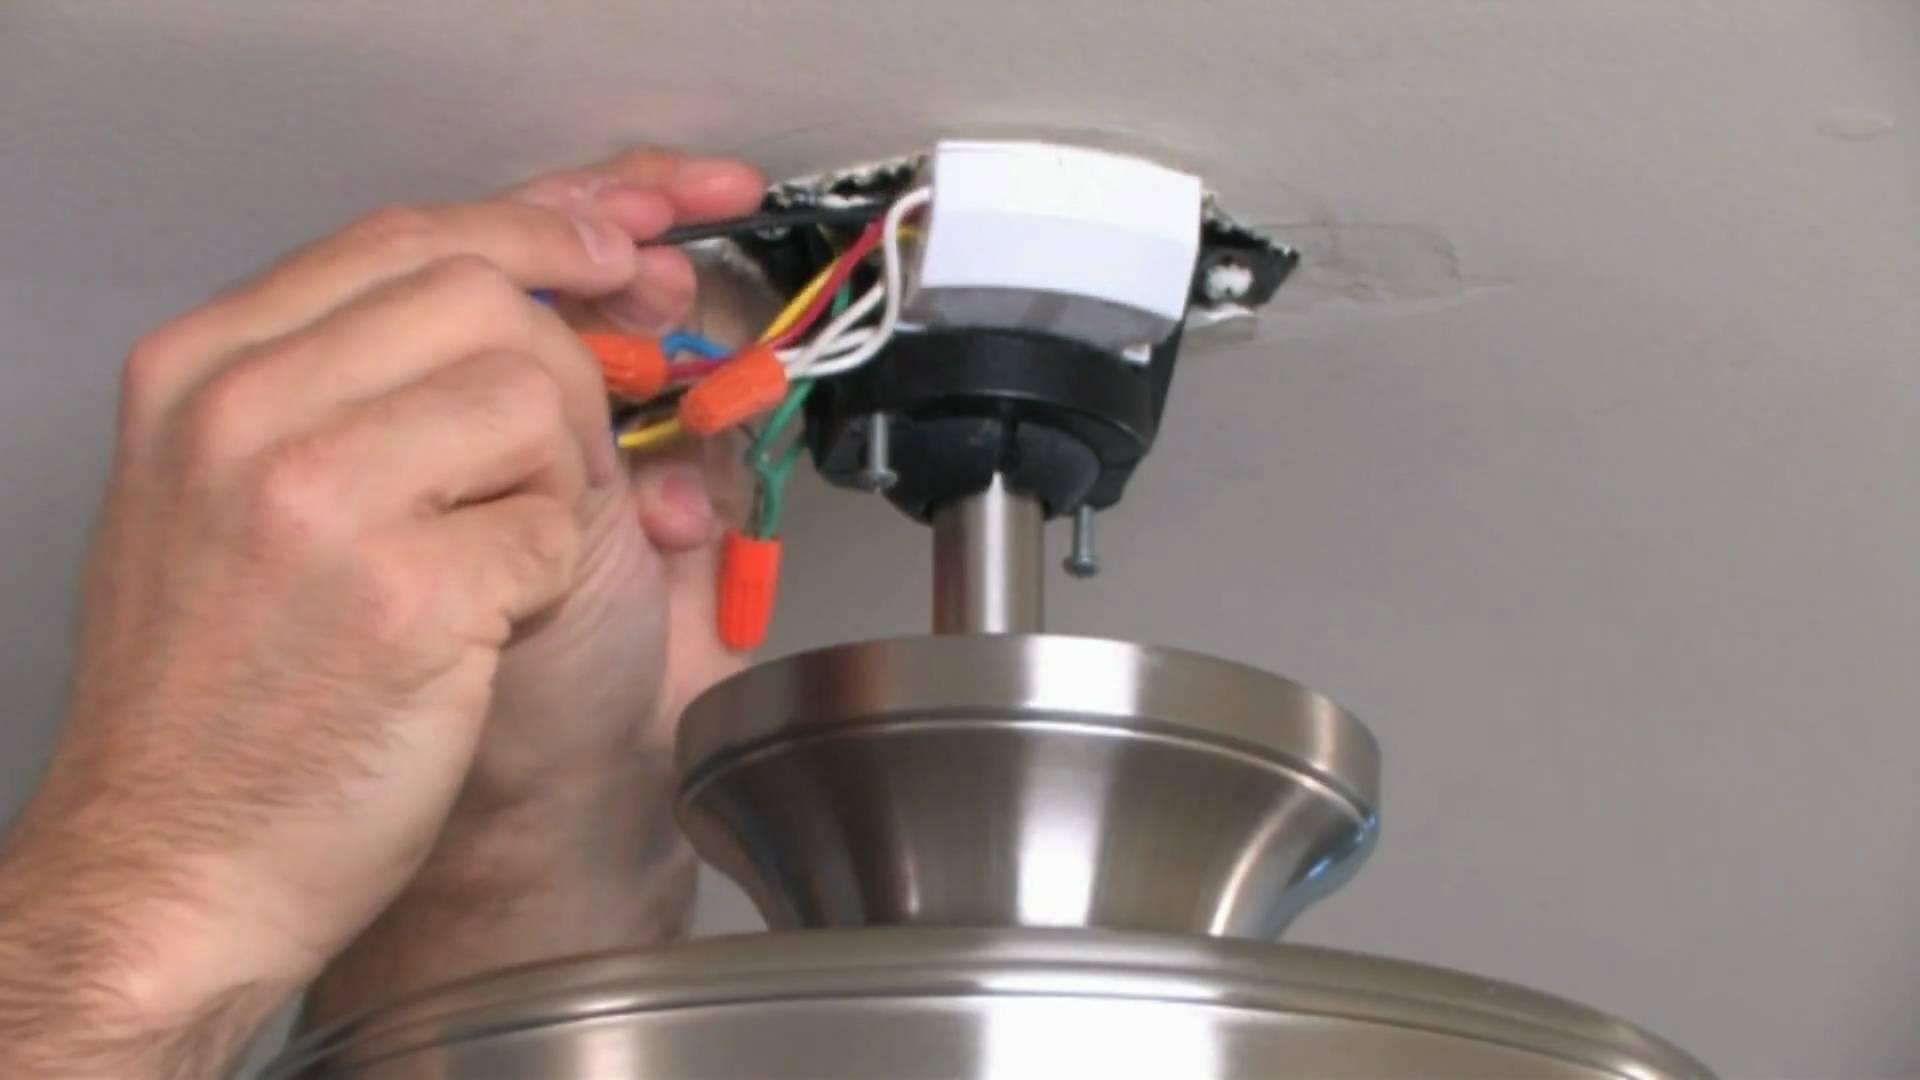 Hunter ceiling fan light switch not working : My hunter ceiling fans light is not working days i